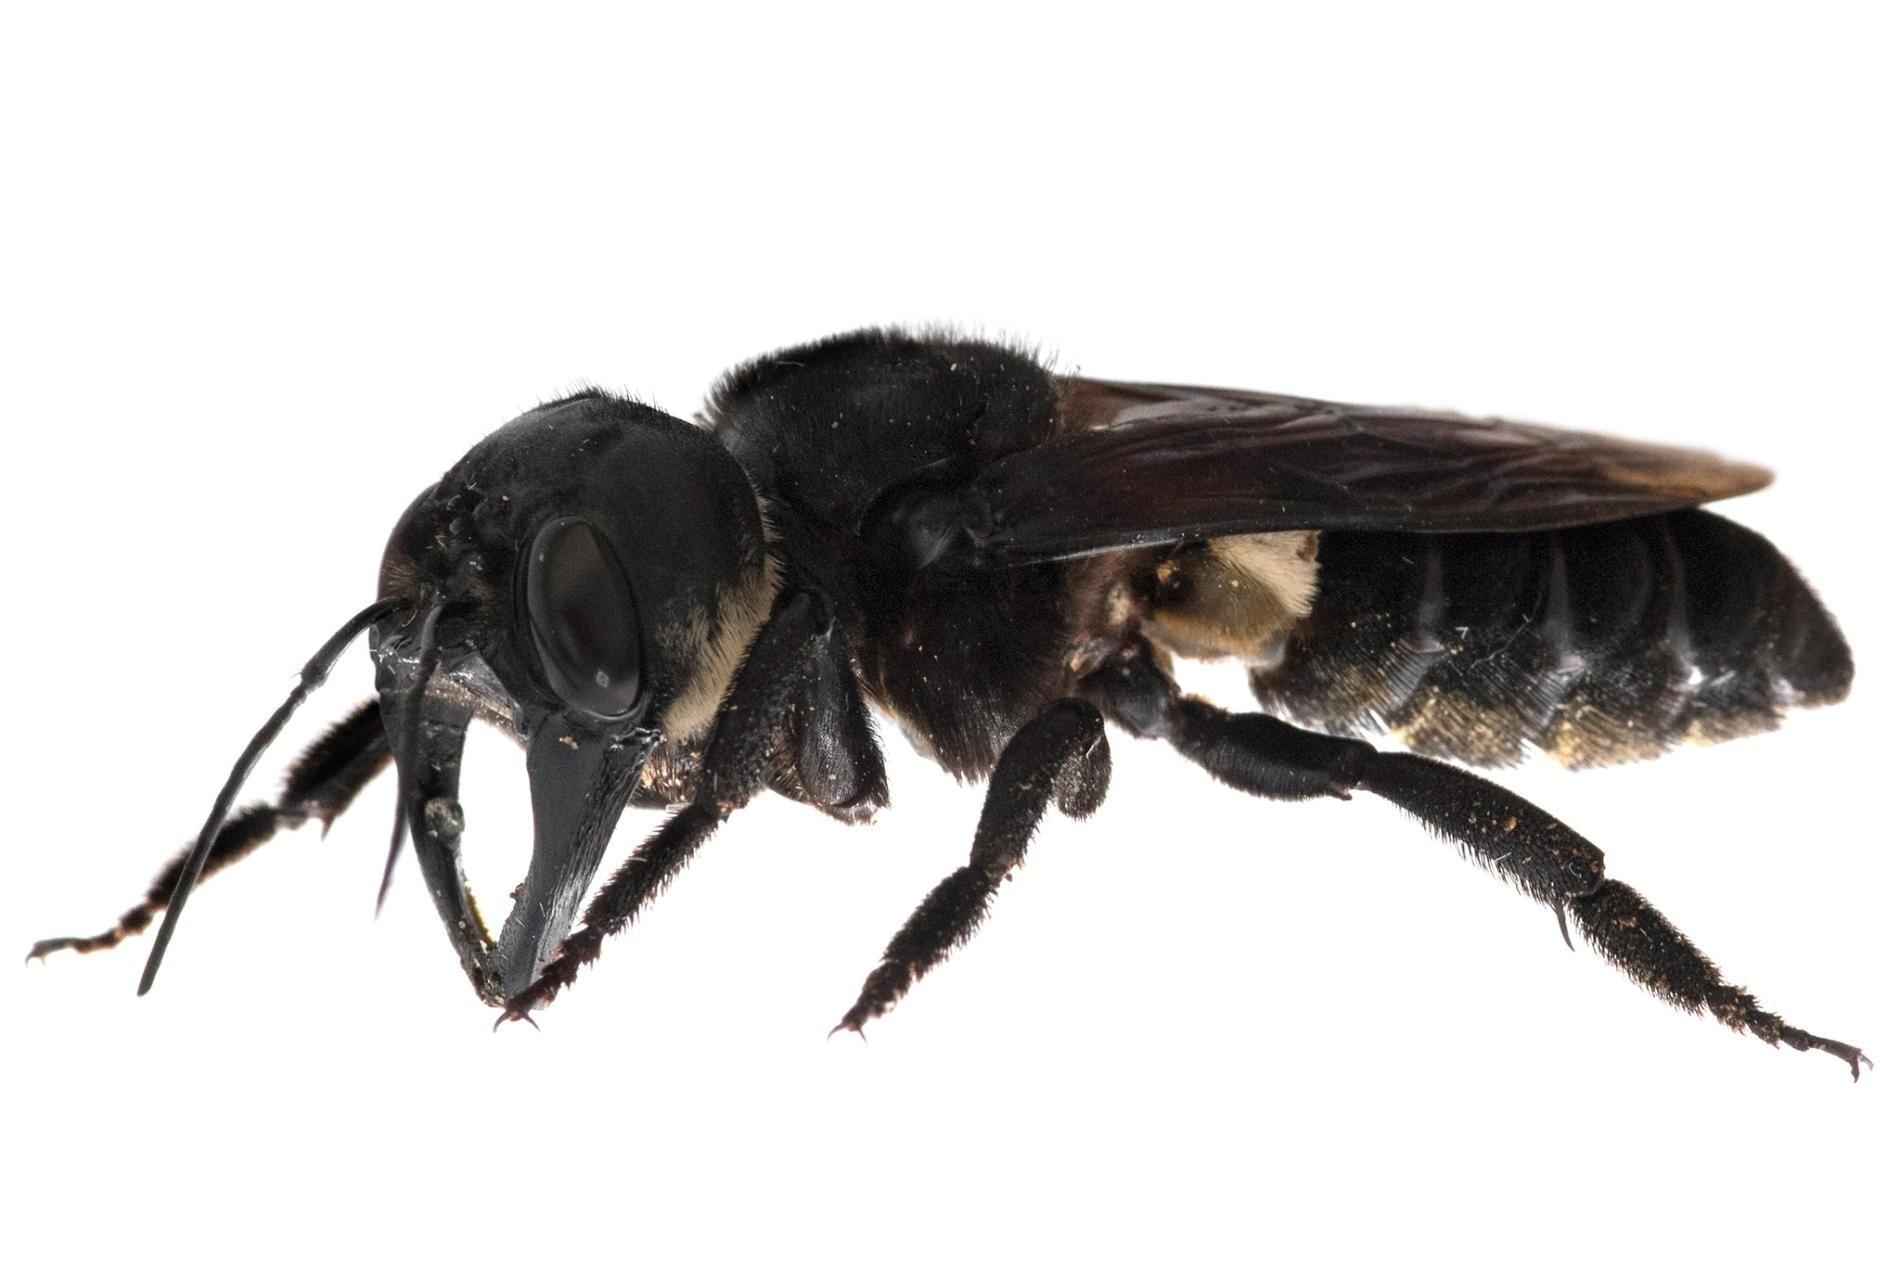 World's largest bee, once presumed extinct, filmed alive